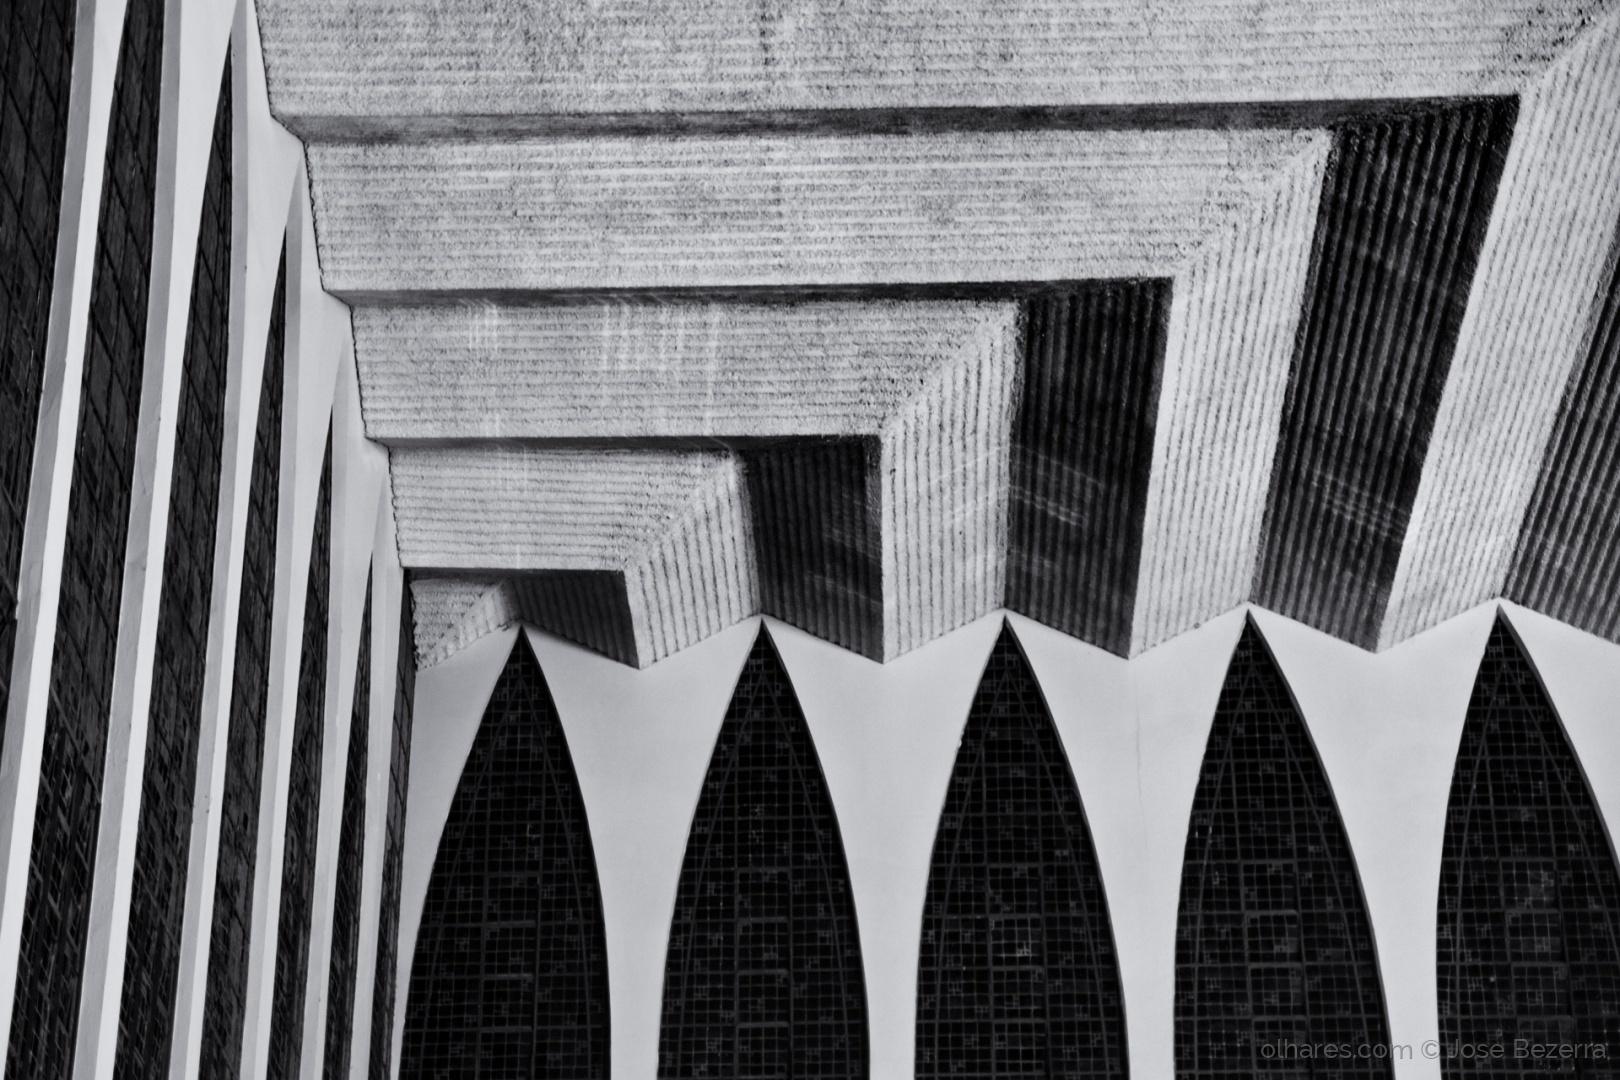 © Jose Bezerra - Linhas...  |  Buscar na geometria uma ordem harmônica é sem dúvida um ótimo exercício. Um bom fotógrafo deve levar este aprendizado para toda vida.